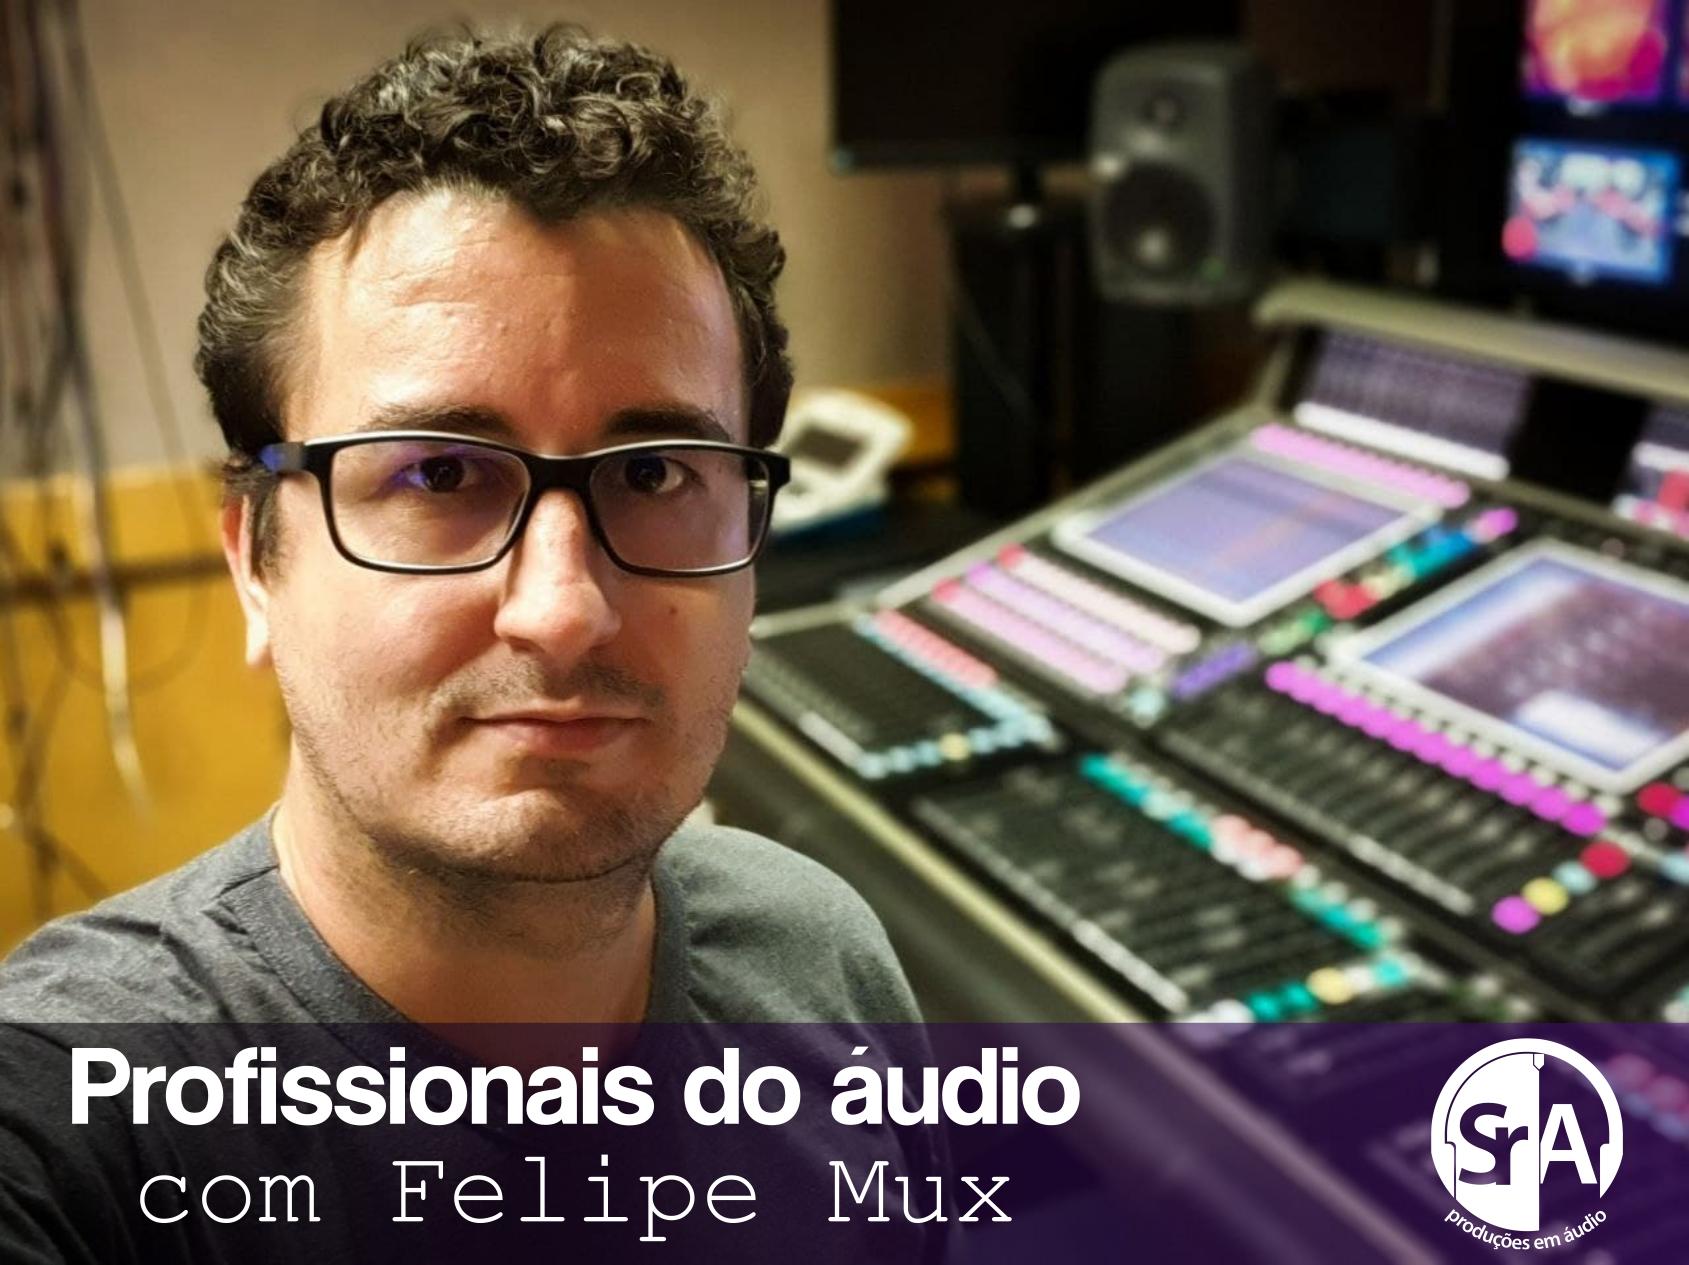 Profissionais do áudio - Com Felipe Mux